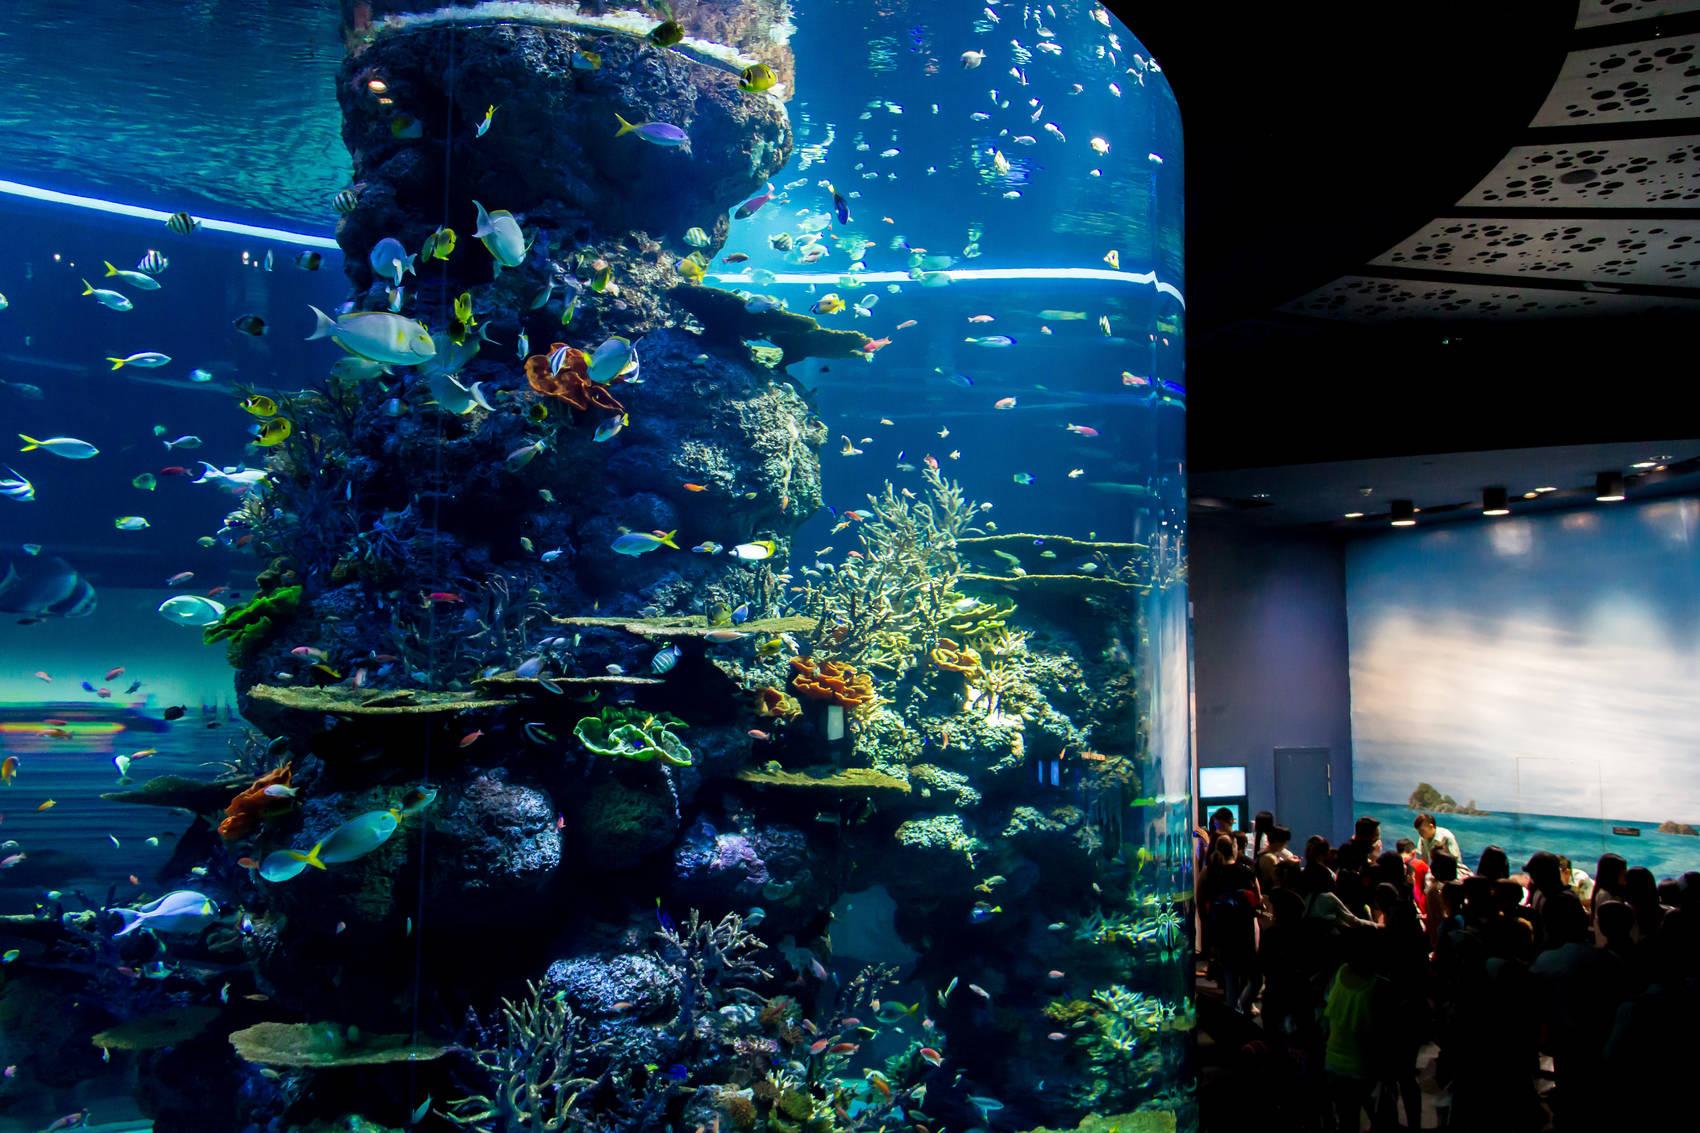 Christmas-in-Singapore-aquarium